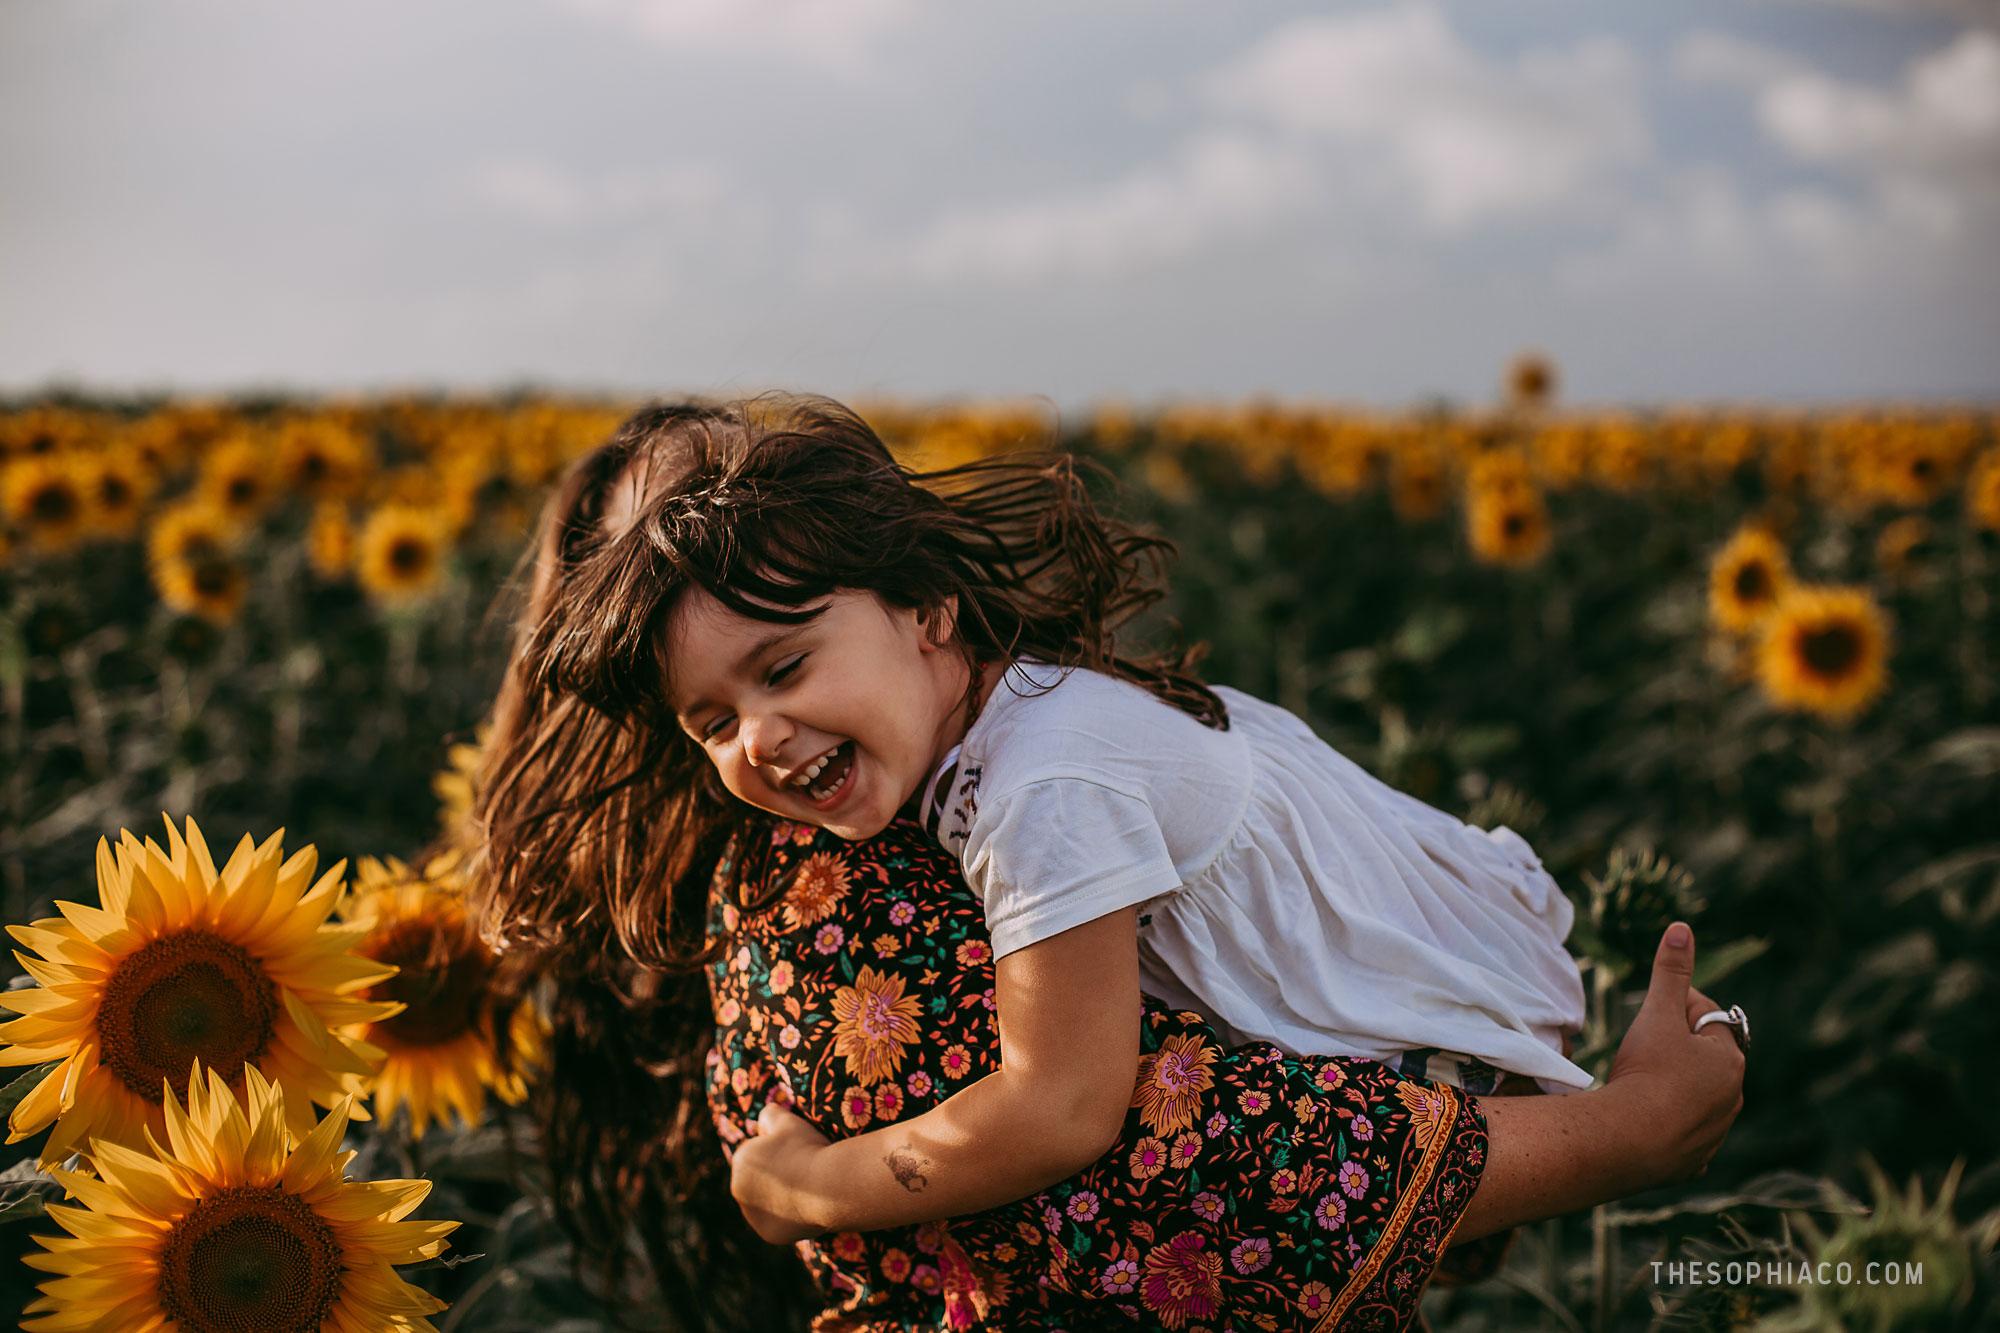 waialua-sunflowers-oahu-family-photography-18.jpg